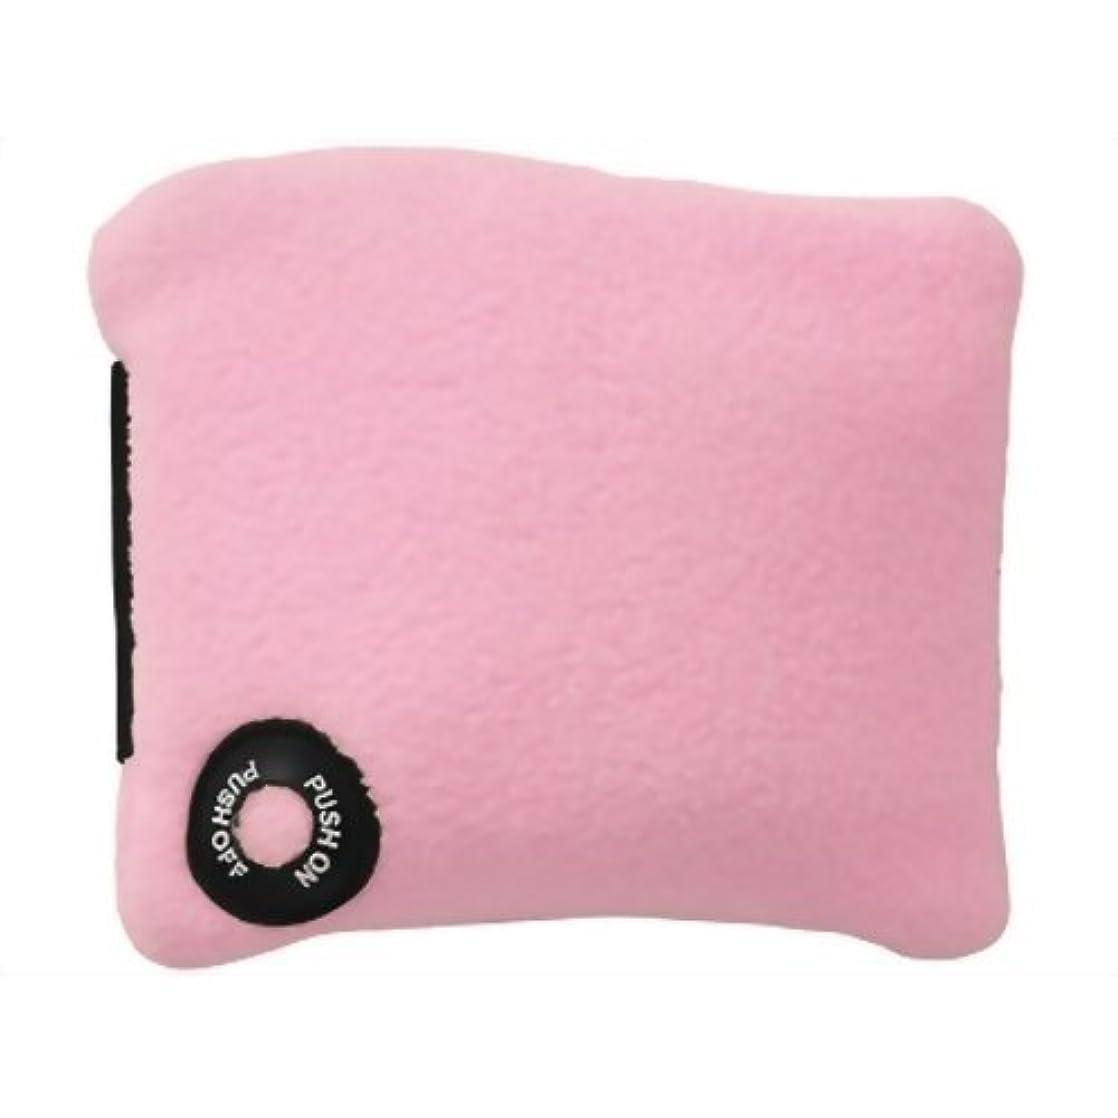 管理誇大妄想驚くべきぶるる 足用 ピンク フリーサイズ